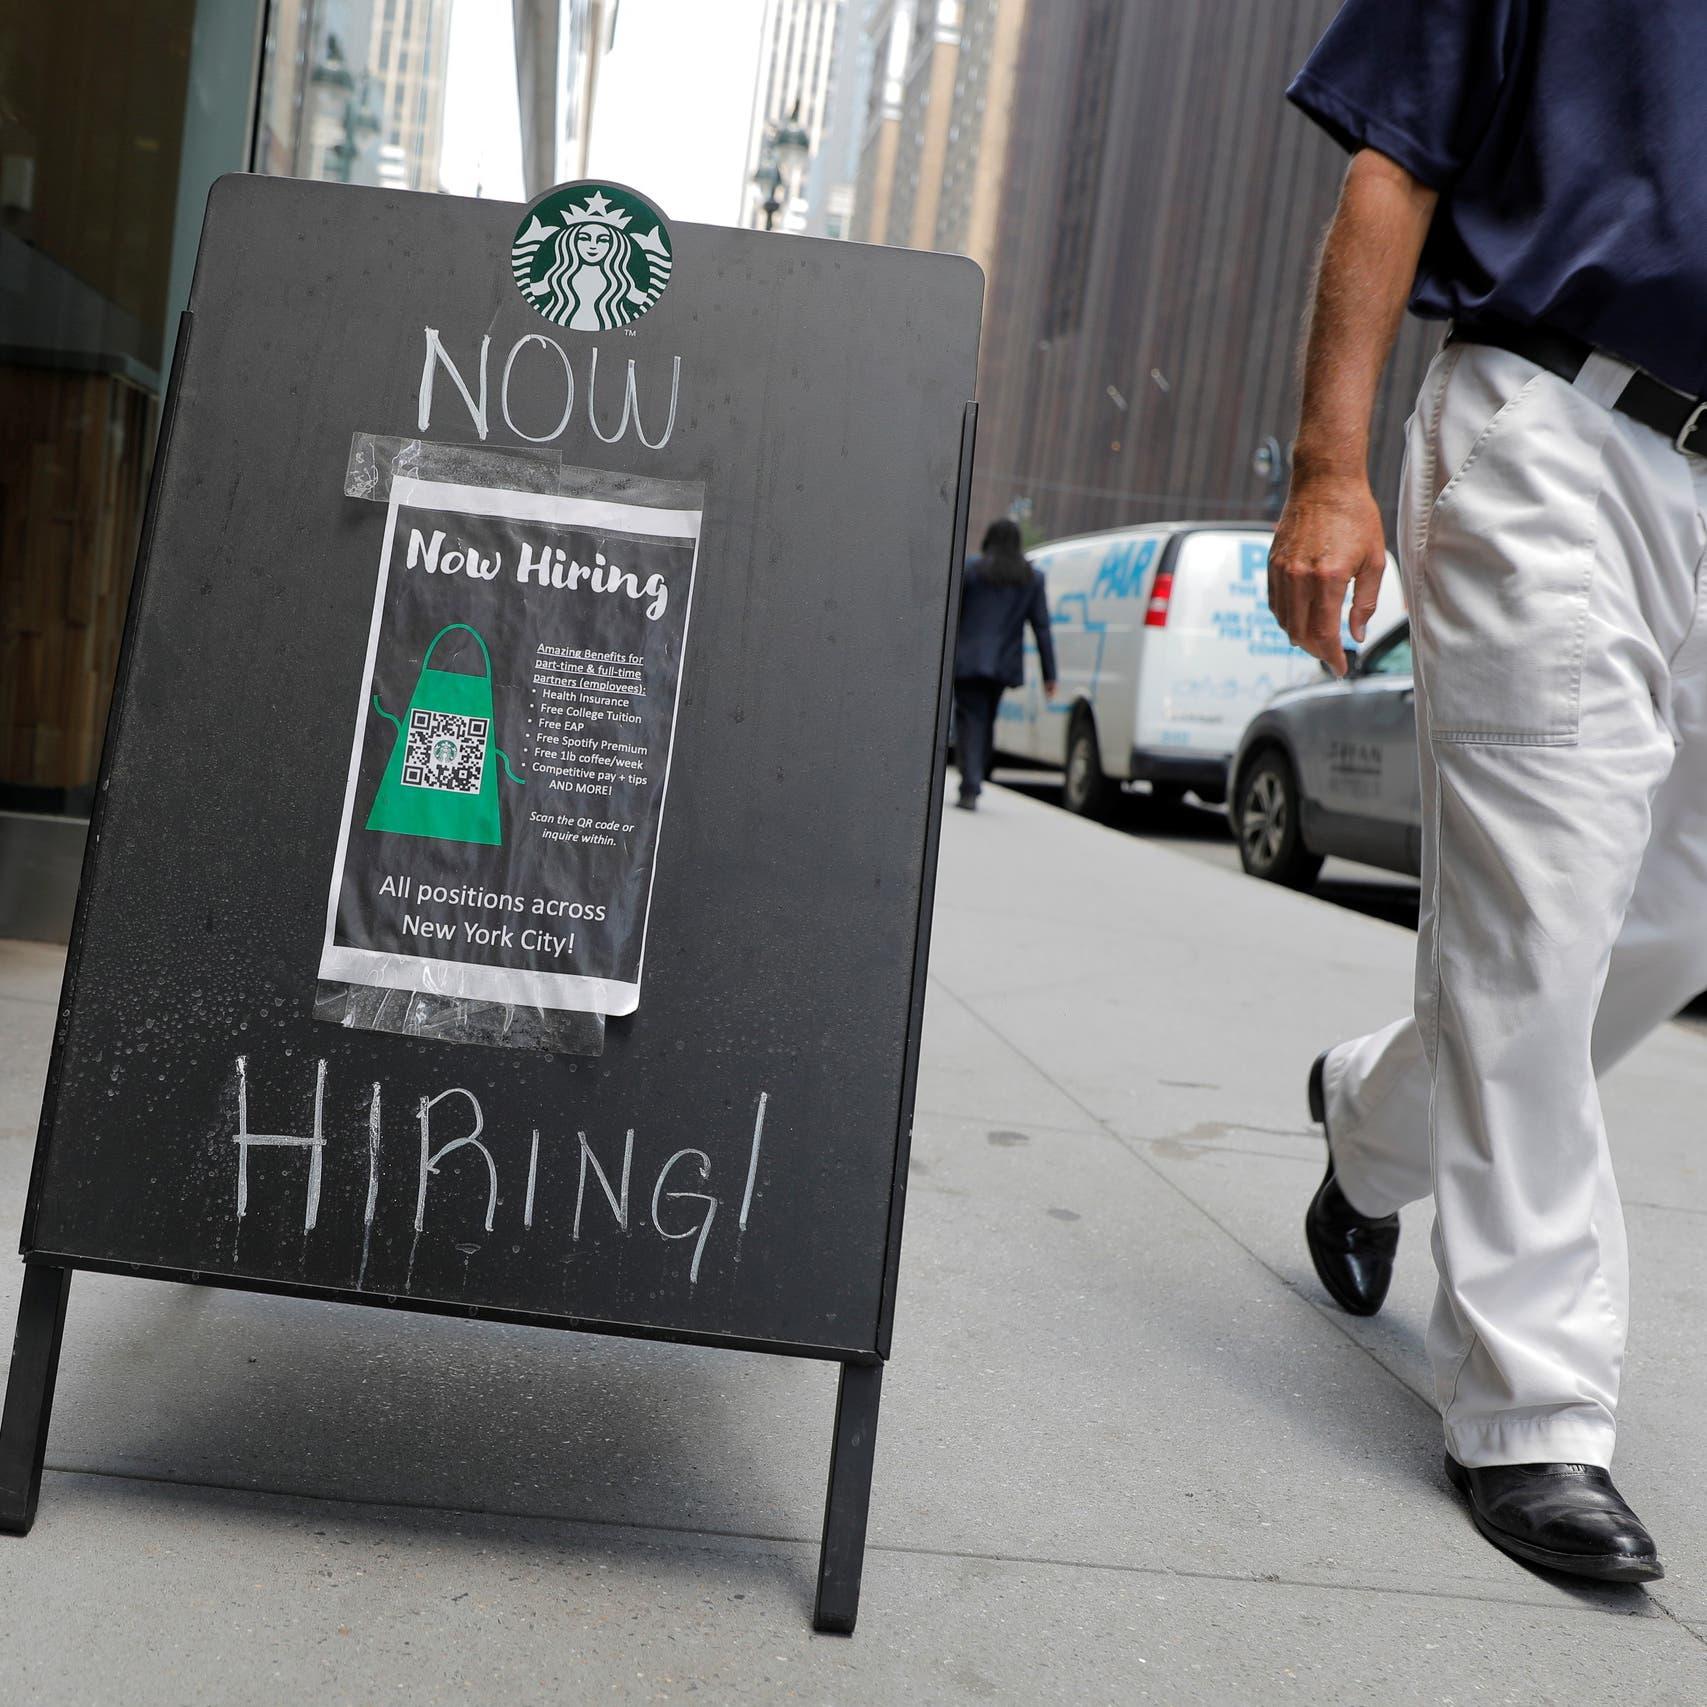 نمو قوي للوظائف الأميركية..البطالة تهبط إلى 5.4%